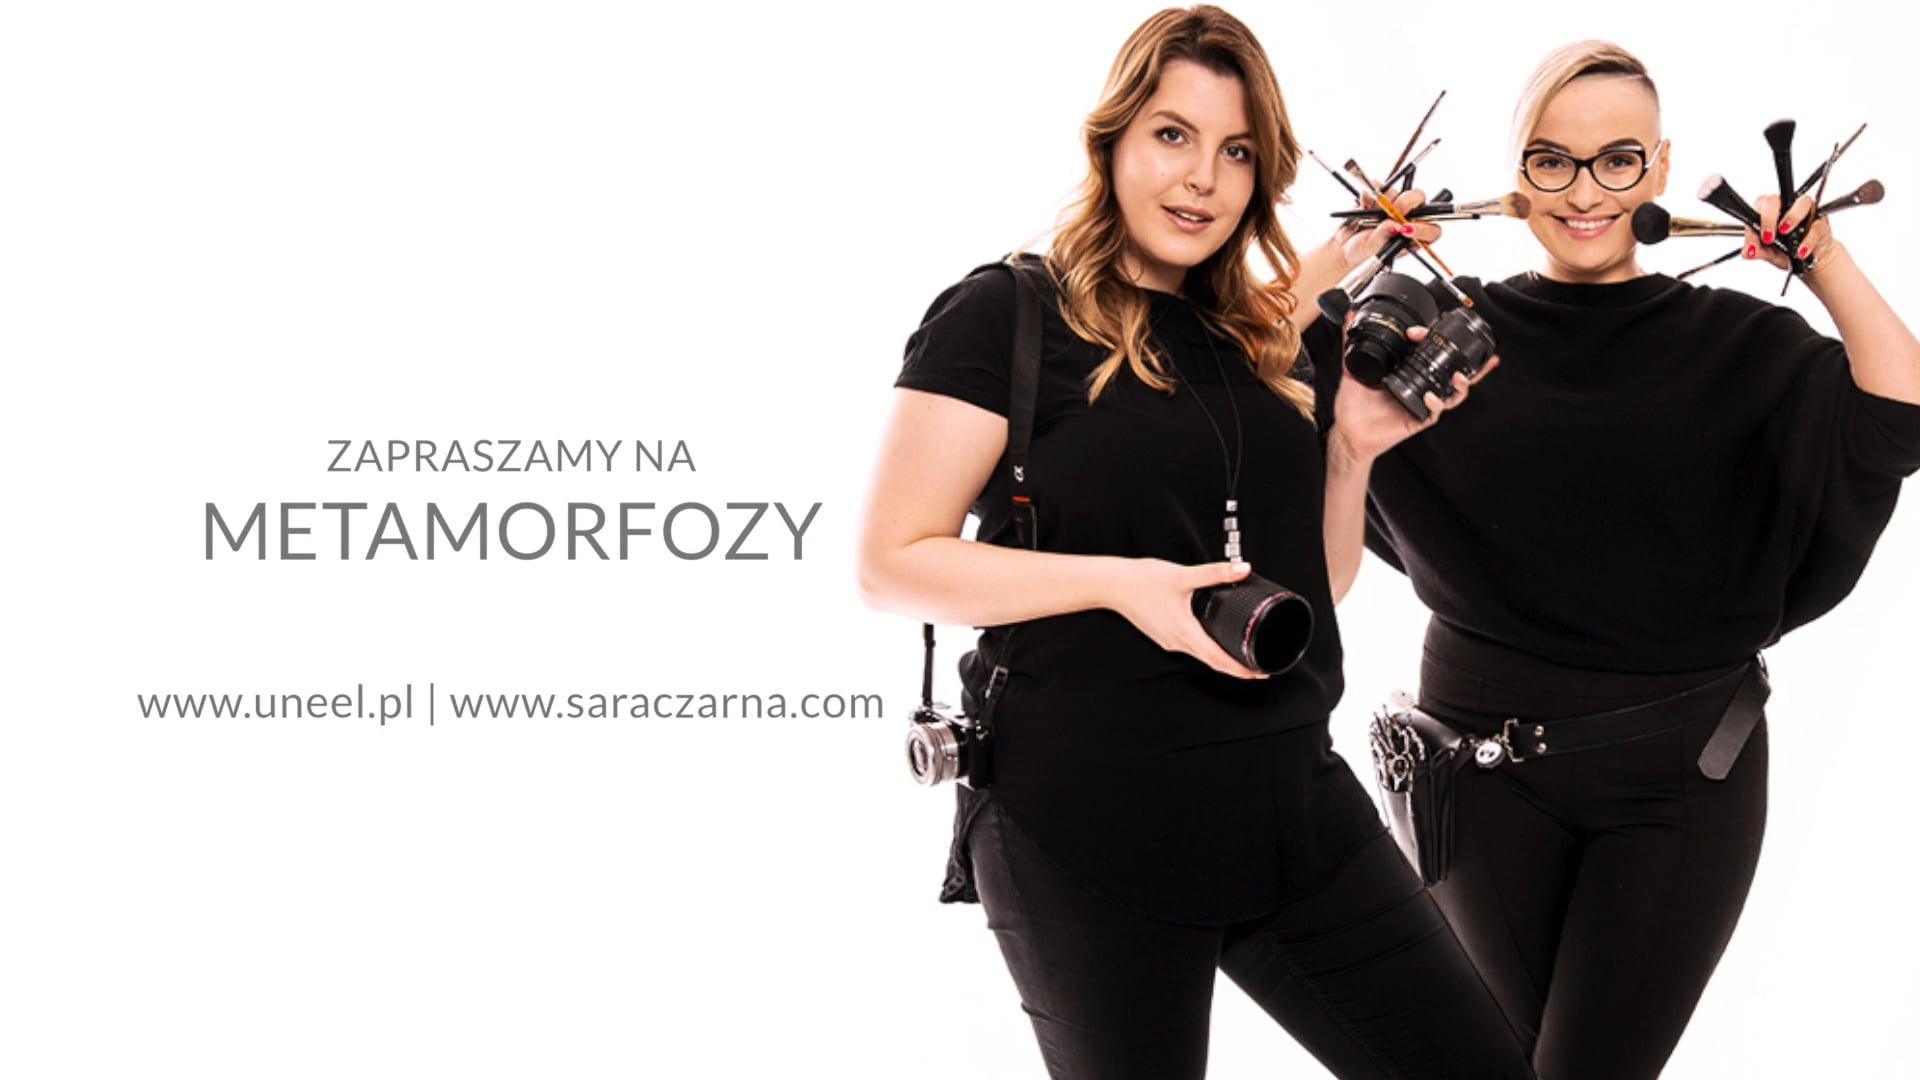 METAMORPHOSIS by UNEEL&SARA CZARNA